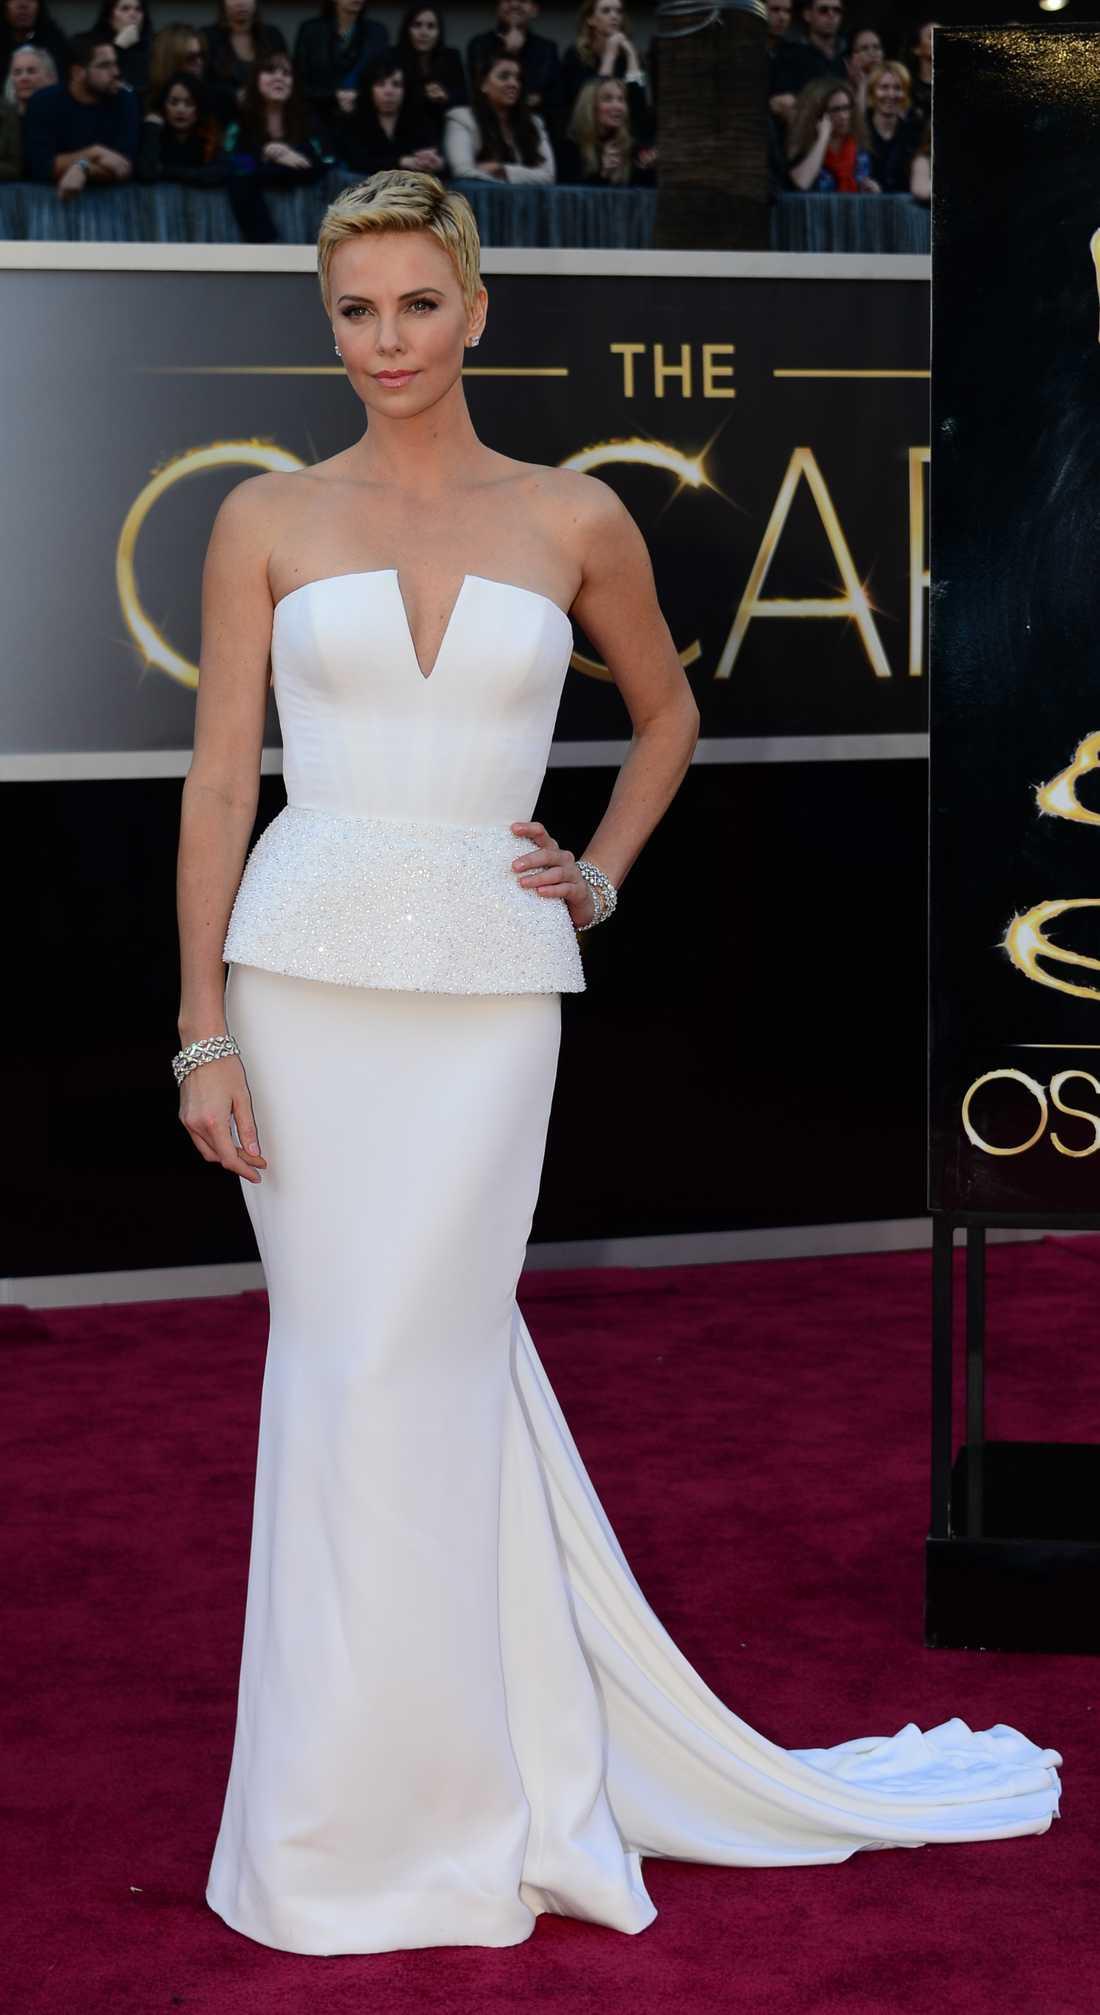 Charlize Theron Bär en Diorstass på Oscarsgalan 2013. Foto: AP